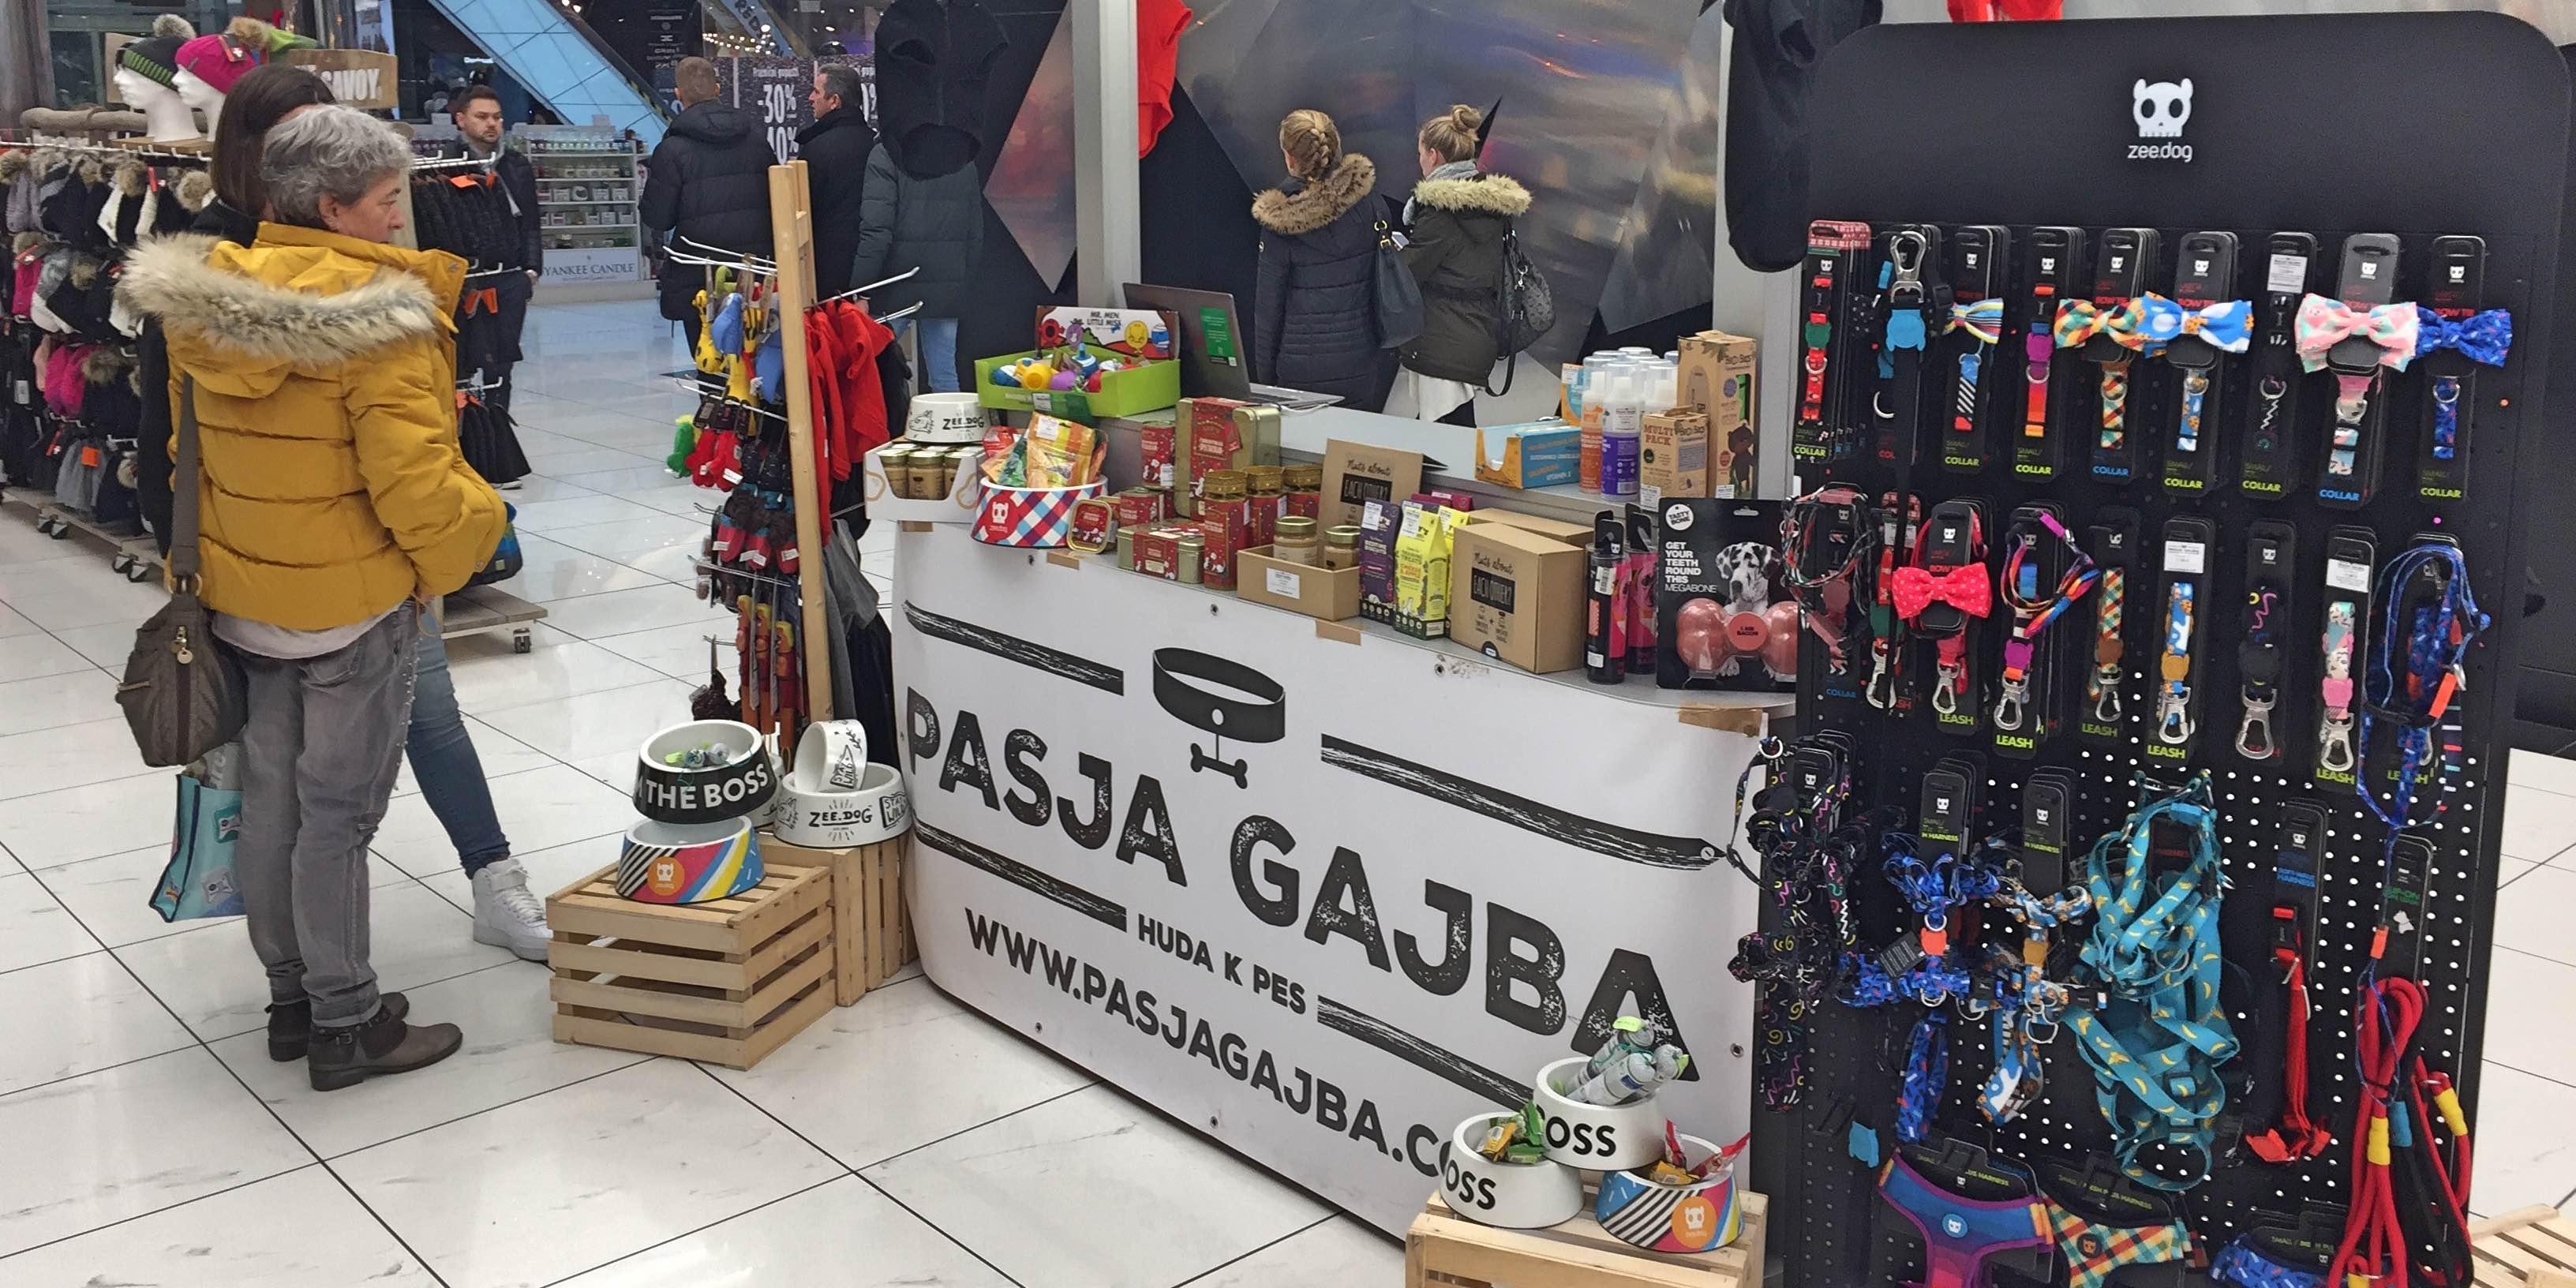 pasja-gajba-citypark